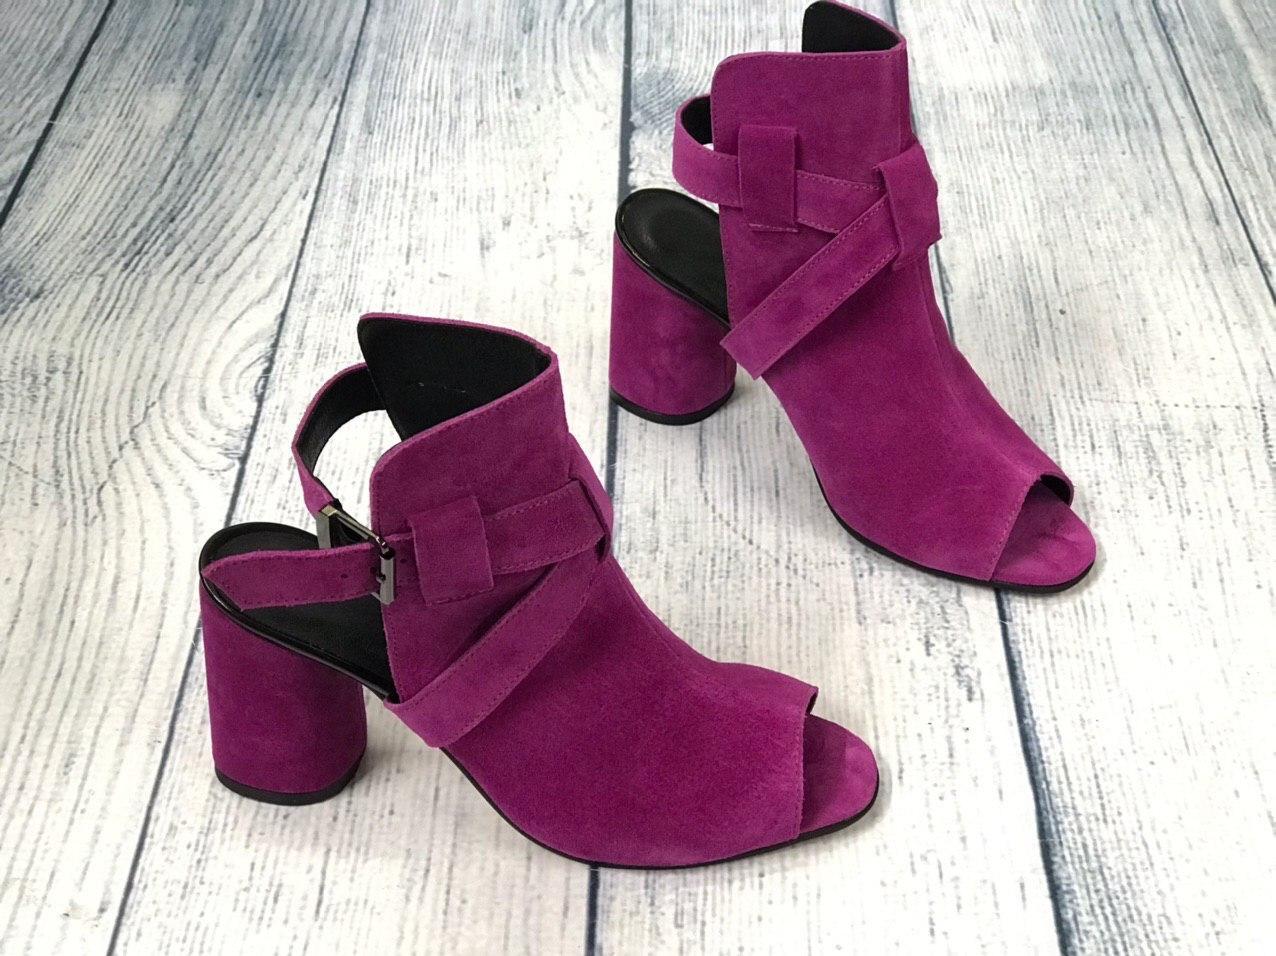 Красивые босоножки на каблуке 8 см каблук, кожа или замша пошив размеры 36-40